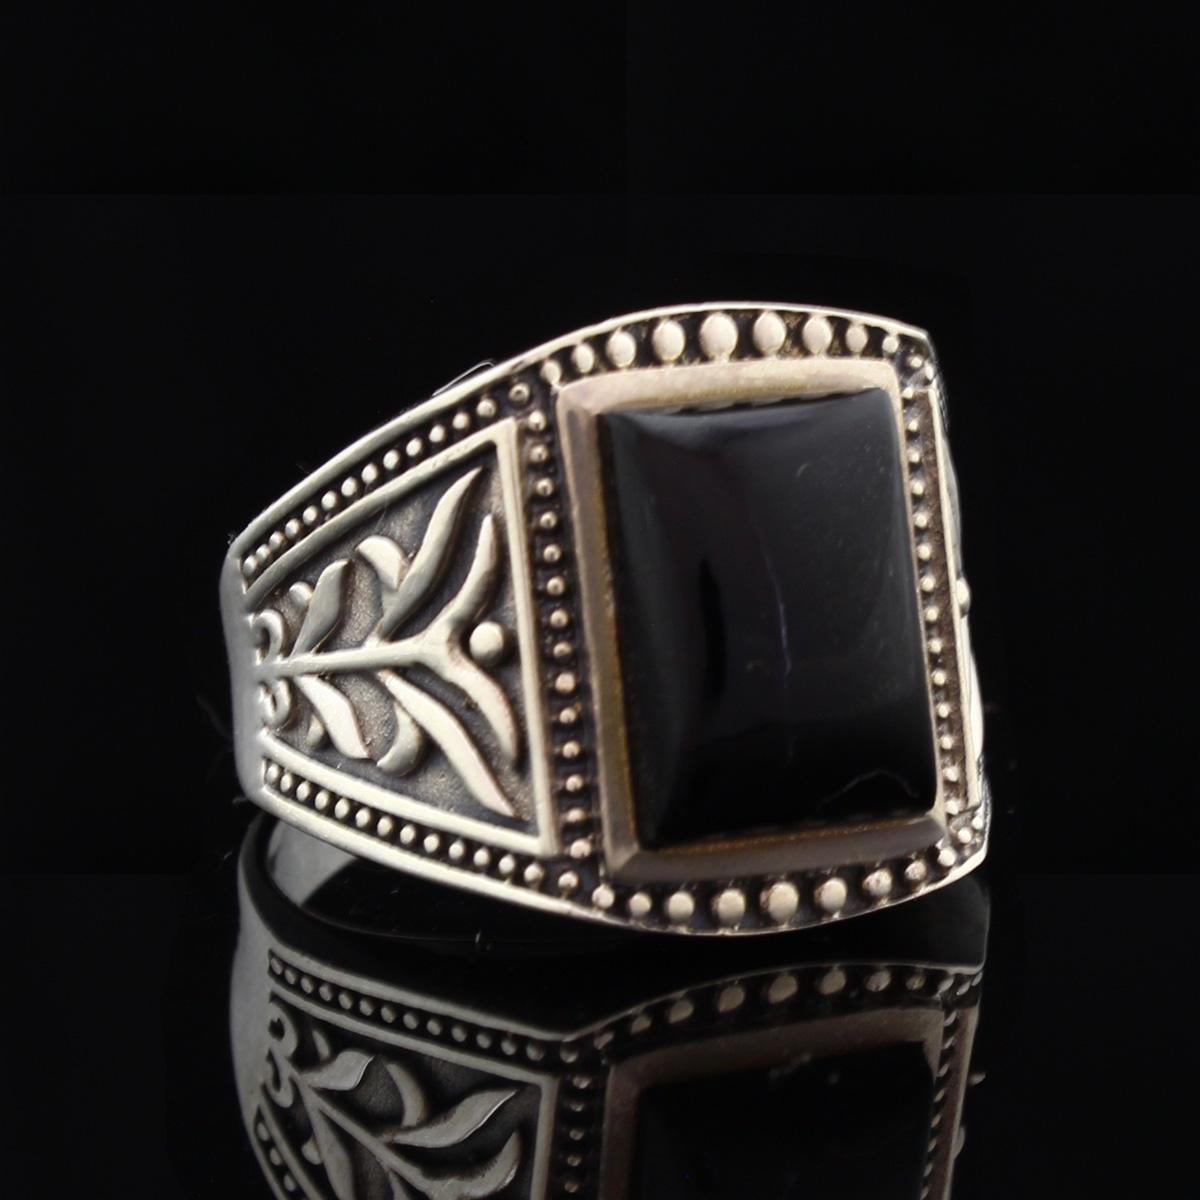 Кольцо, серебро, натуральный камень, Оникс, 12.04 г, проба 875, размер 22